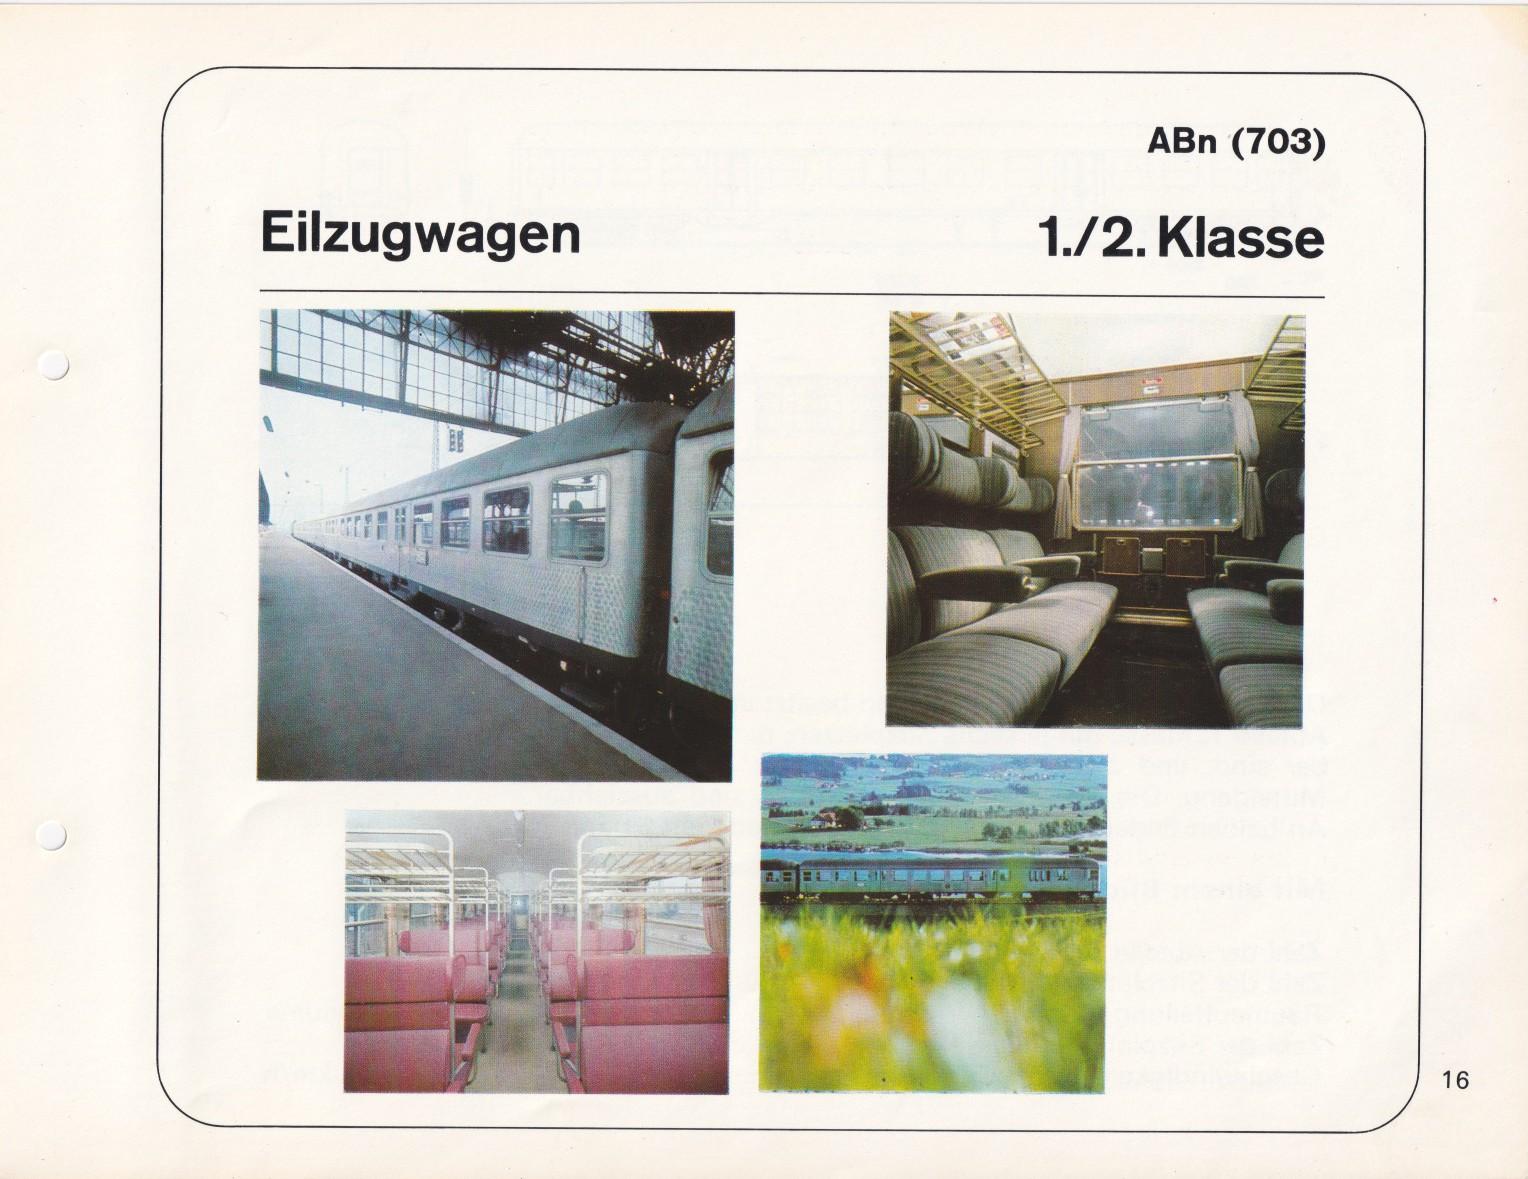 https://www.nullclub.de/hifo/Fahrzeuglexikon/Wagen16a.jpg